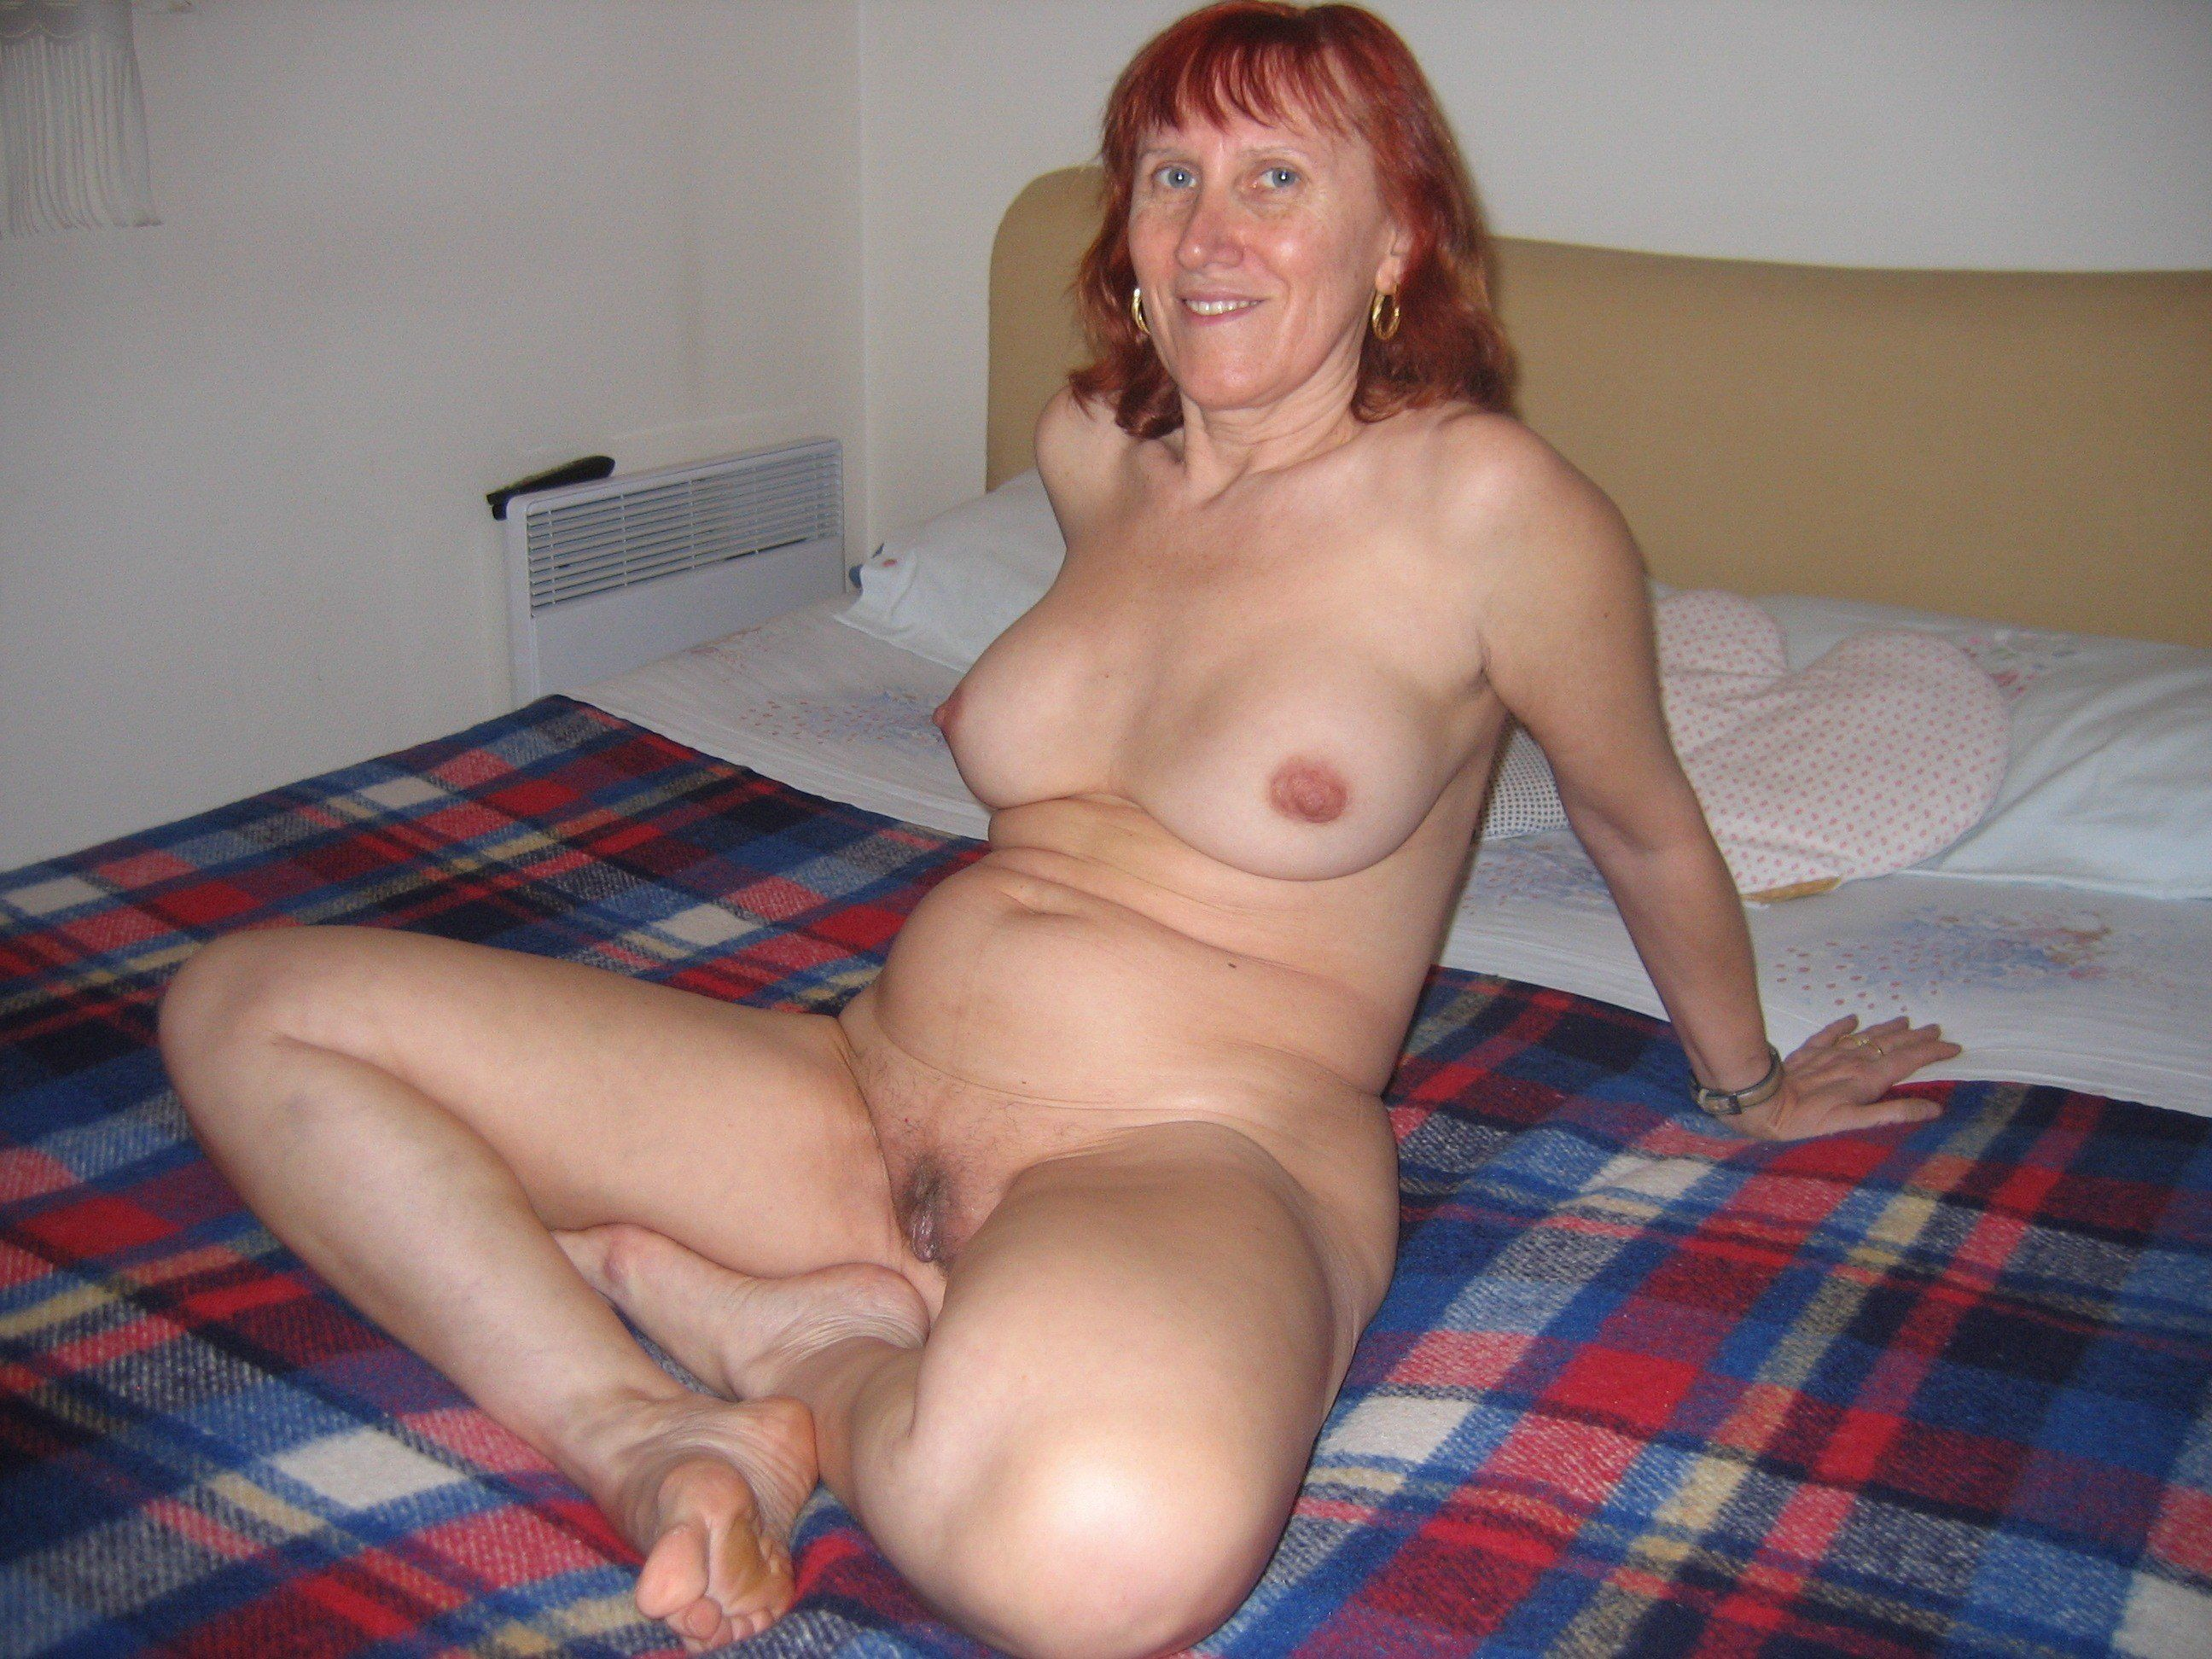 Amateur Mature Porn Photo amateur mature porn pics - adult gallery.